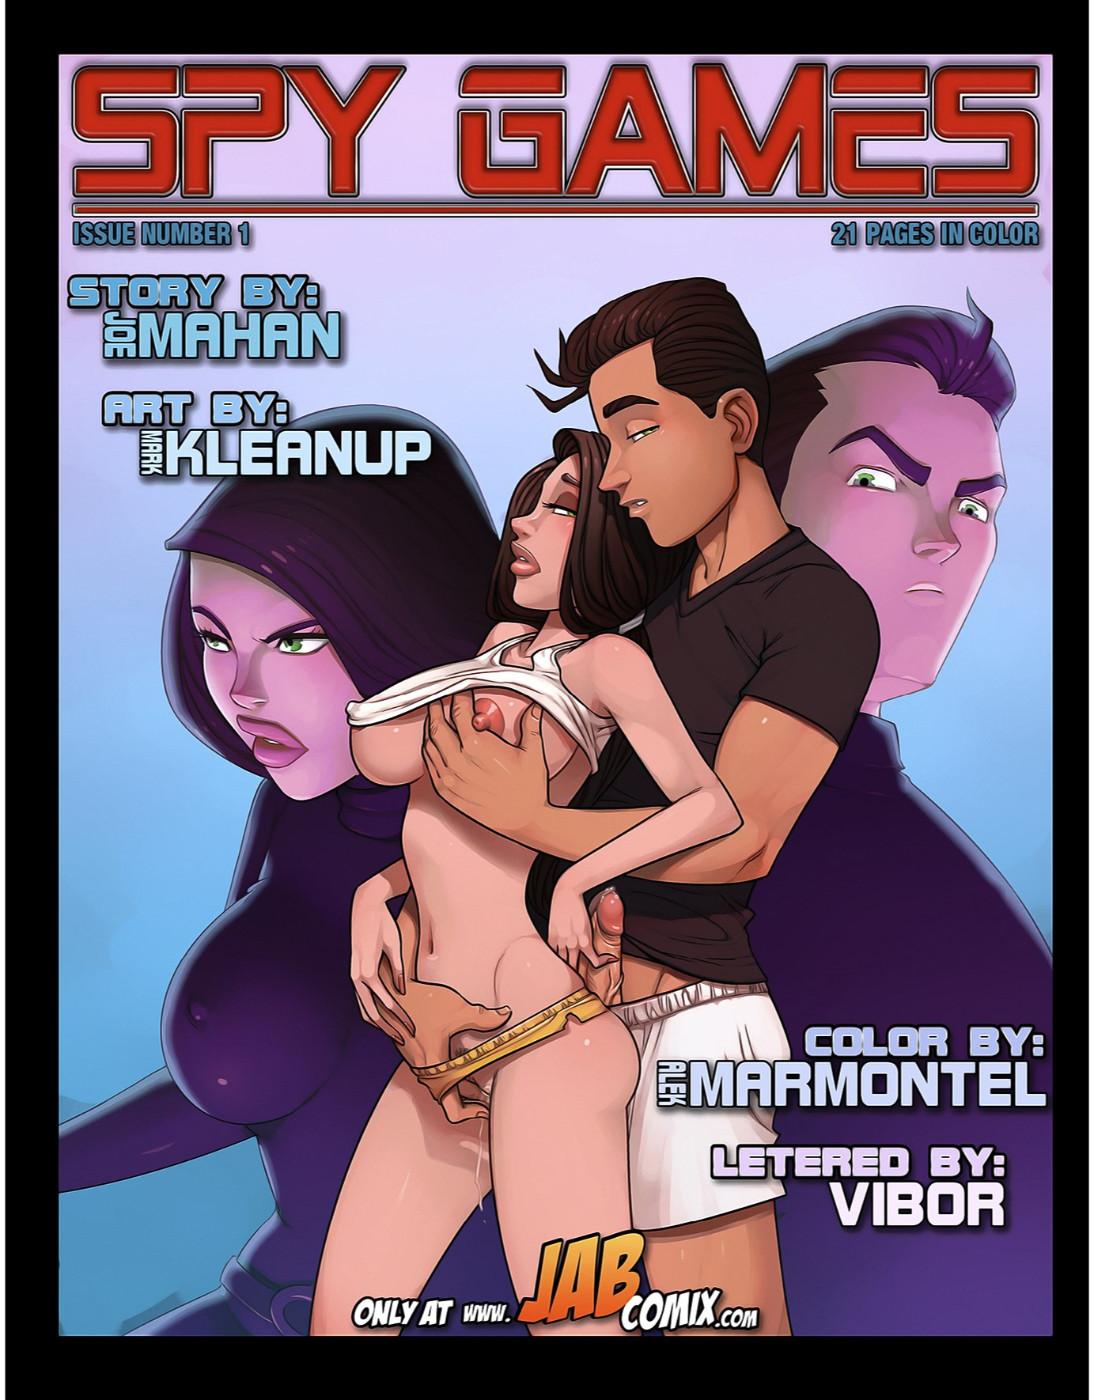 porno gameas